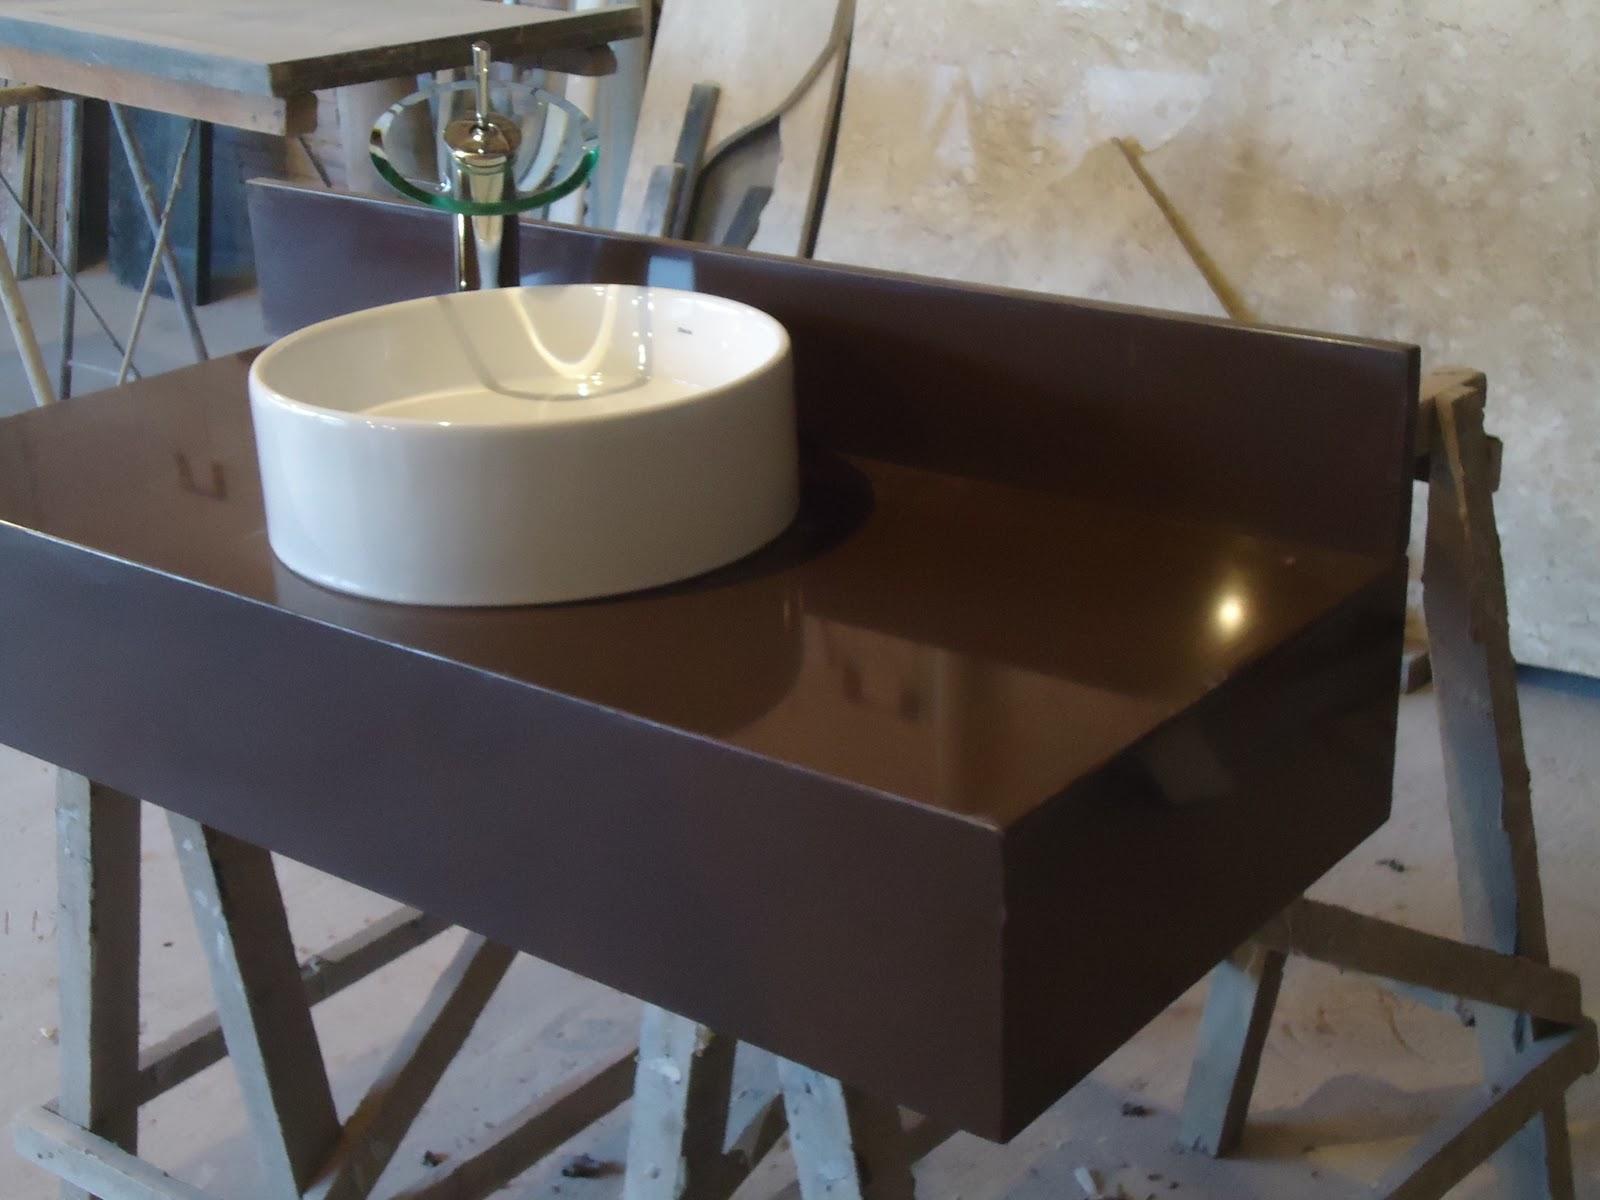 MÁRMORES E GRANITOS: Lavatórios #756956 1600x1200 Banheiro Com Granito Marrom Absoluto